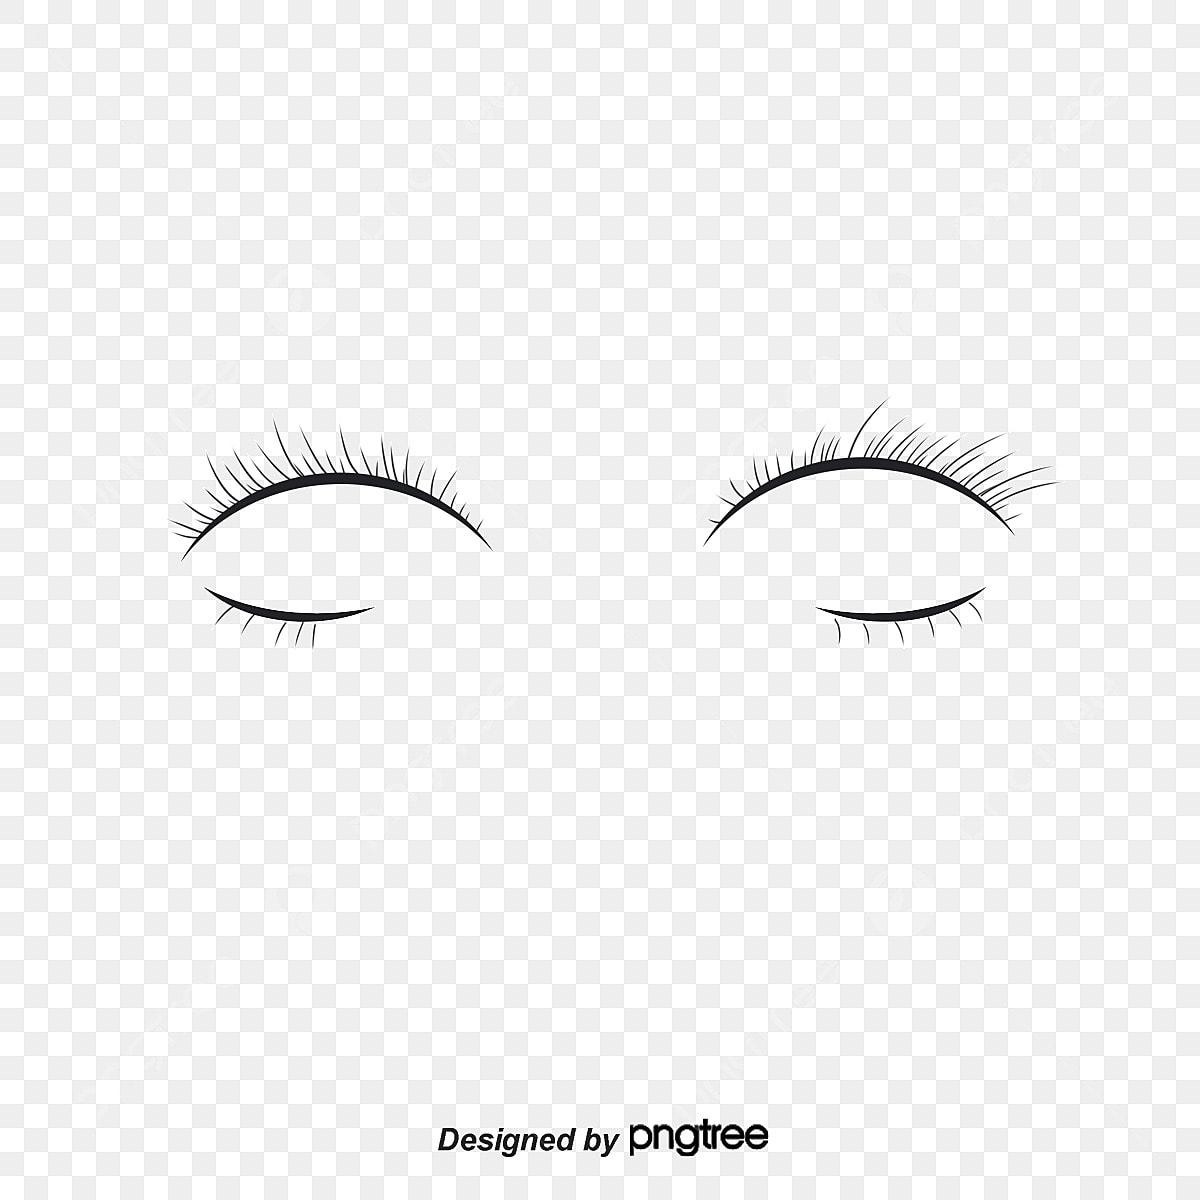 無料ダウンロードのためのひとつのまつげ つけまつげ アイメイク 眼飾png